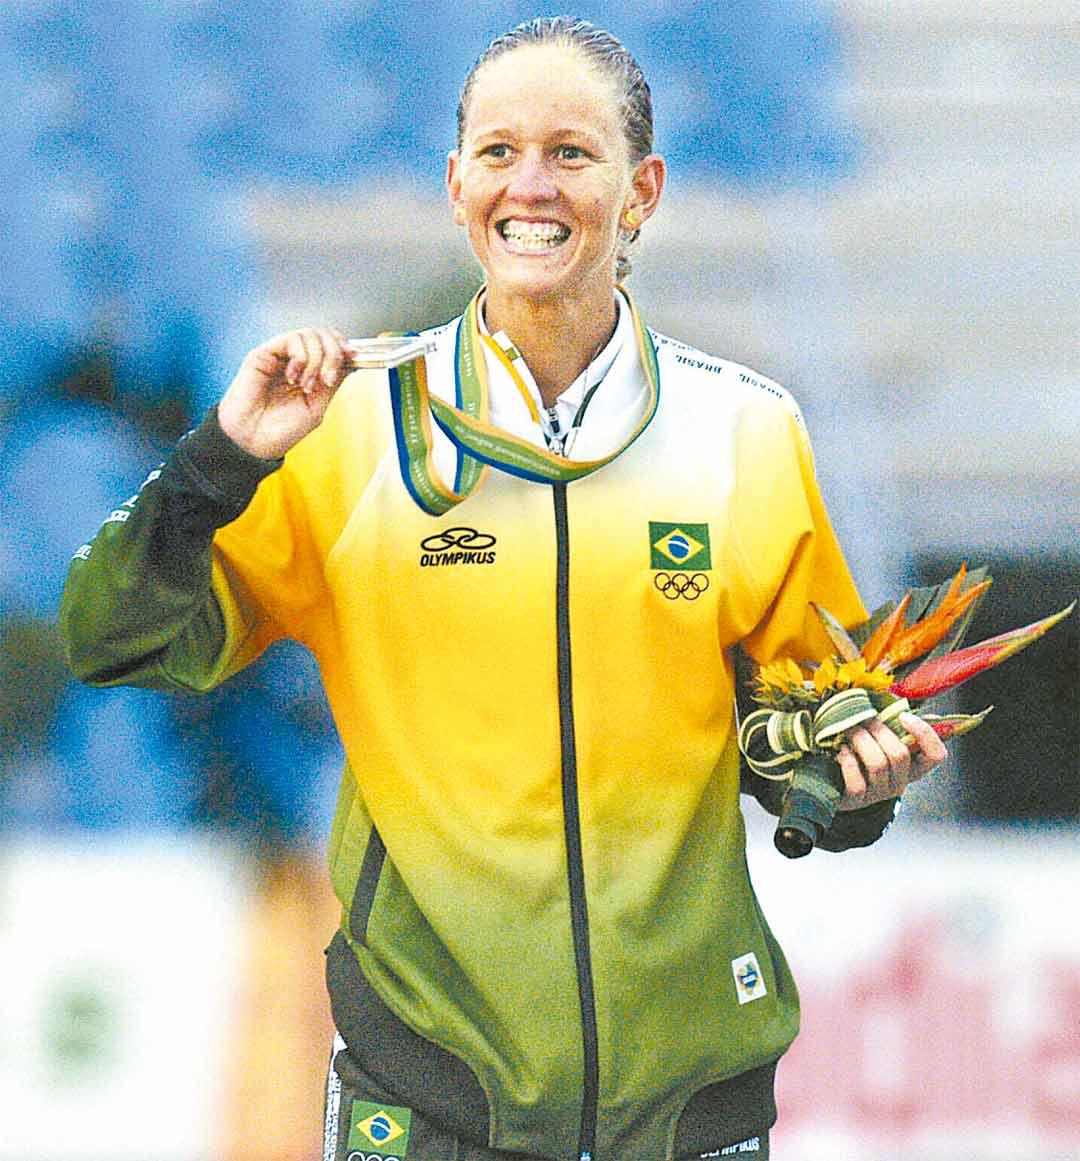 Em Deorodo, Yane foi ouro no Pan-2007, medalha que lhe garantiu nos Jogos de 2008 - Foto: Heitor Cunha/DP